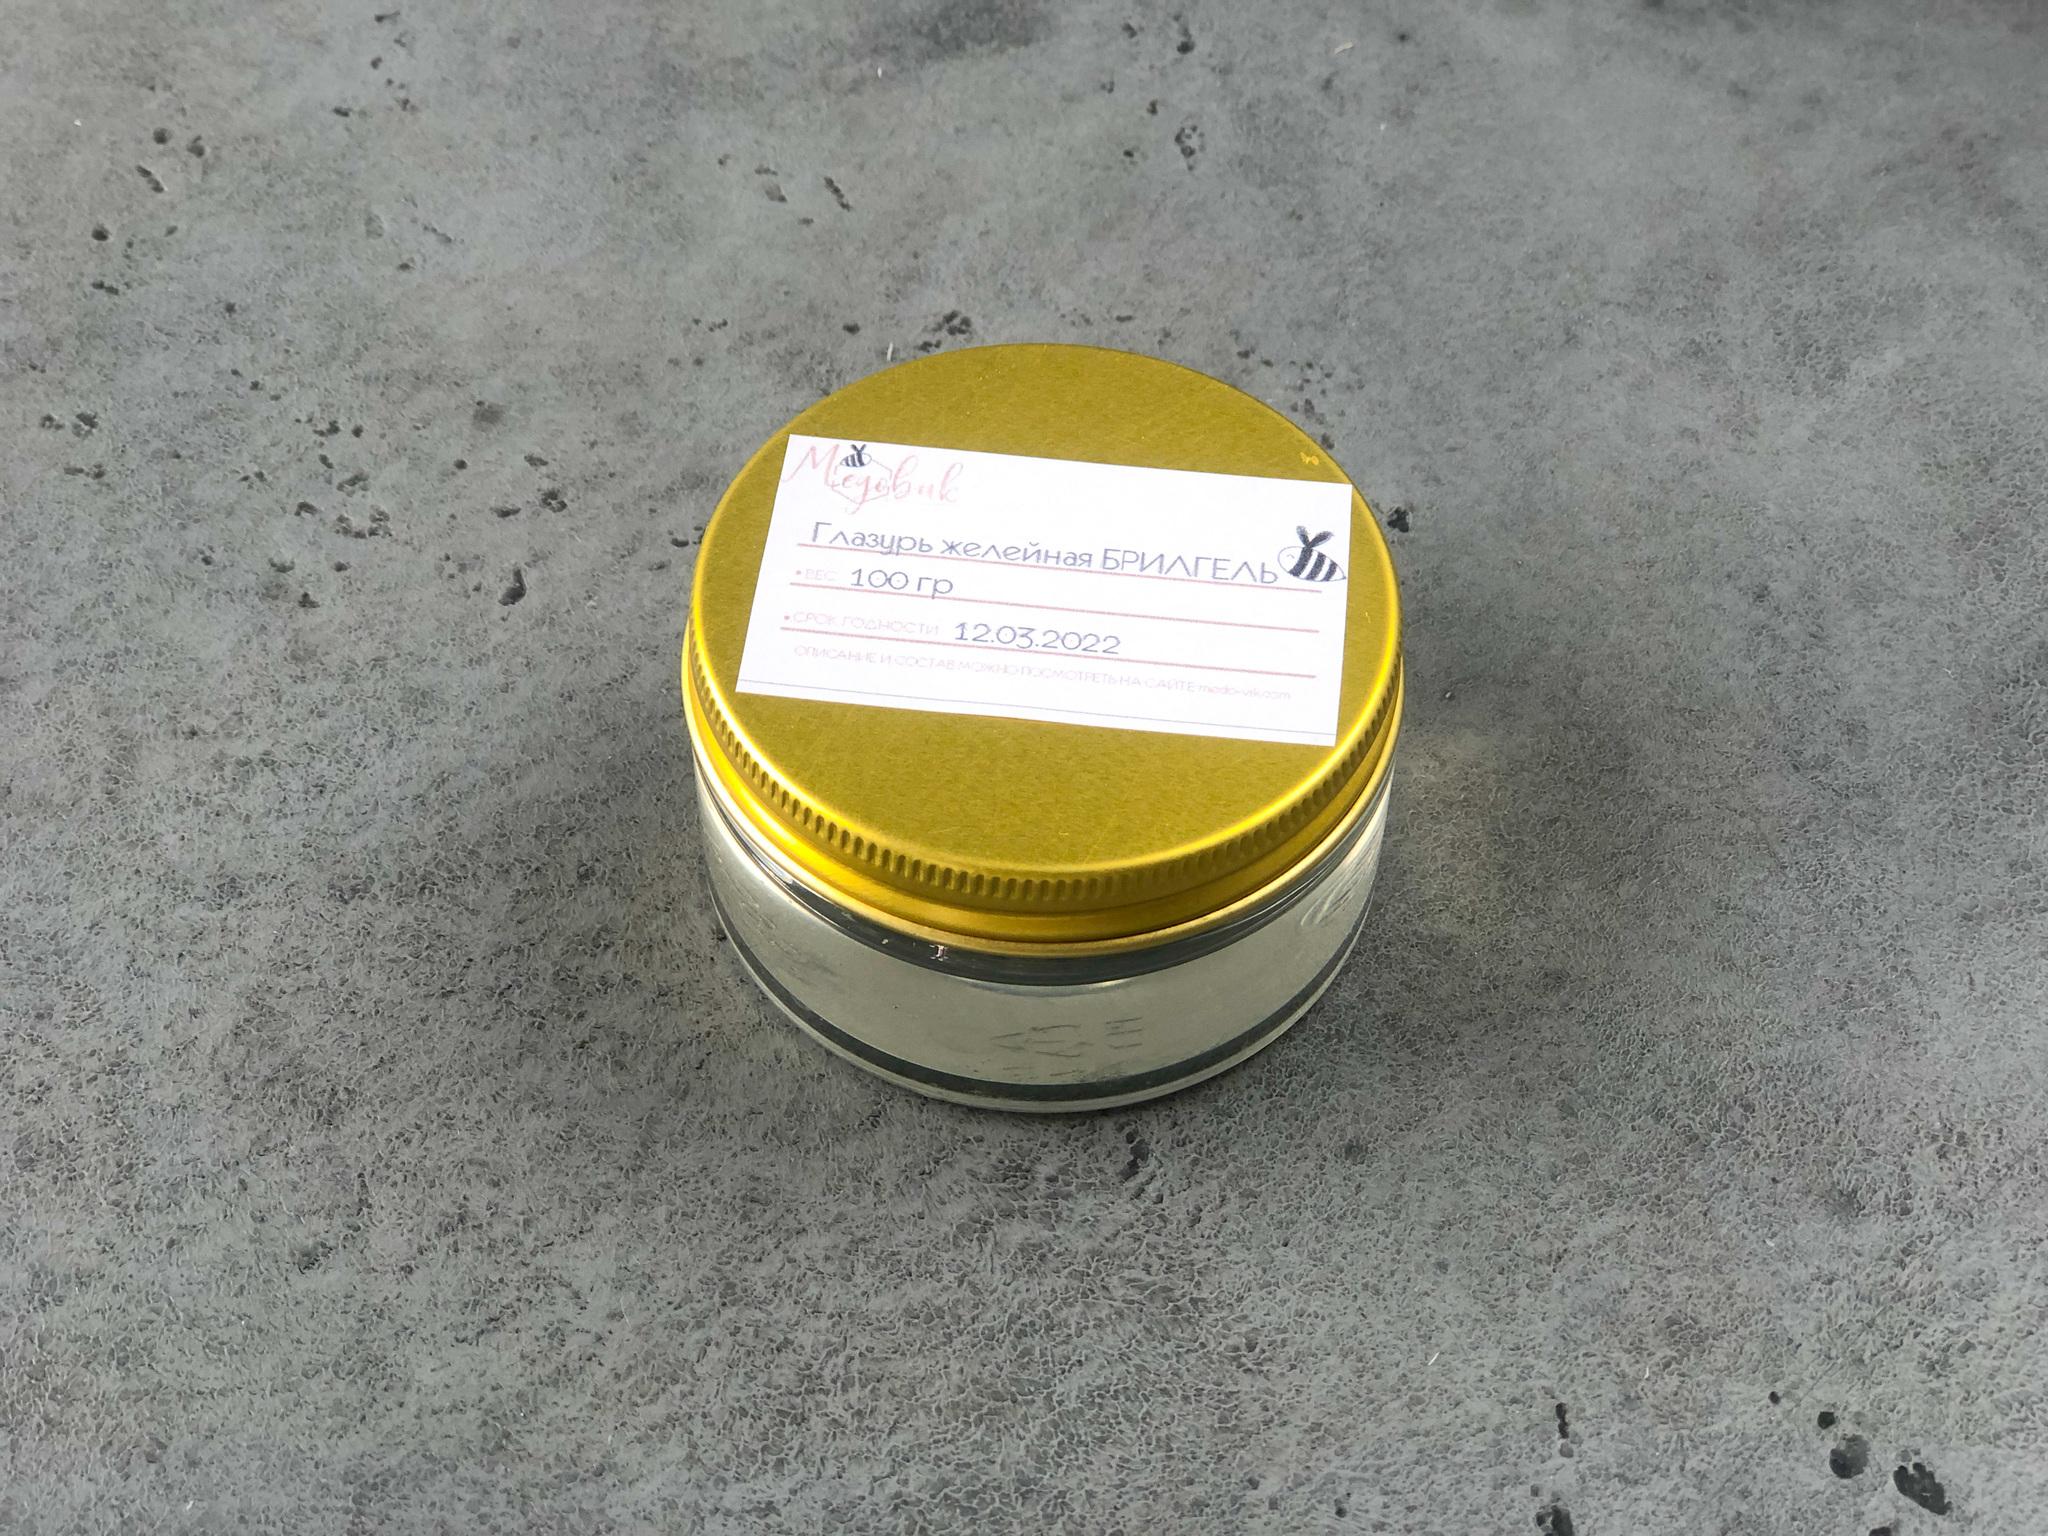 Глазурь желейная БРИЛГЕЛЬ, 100 гр